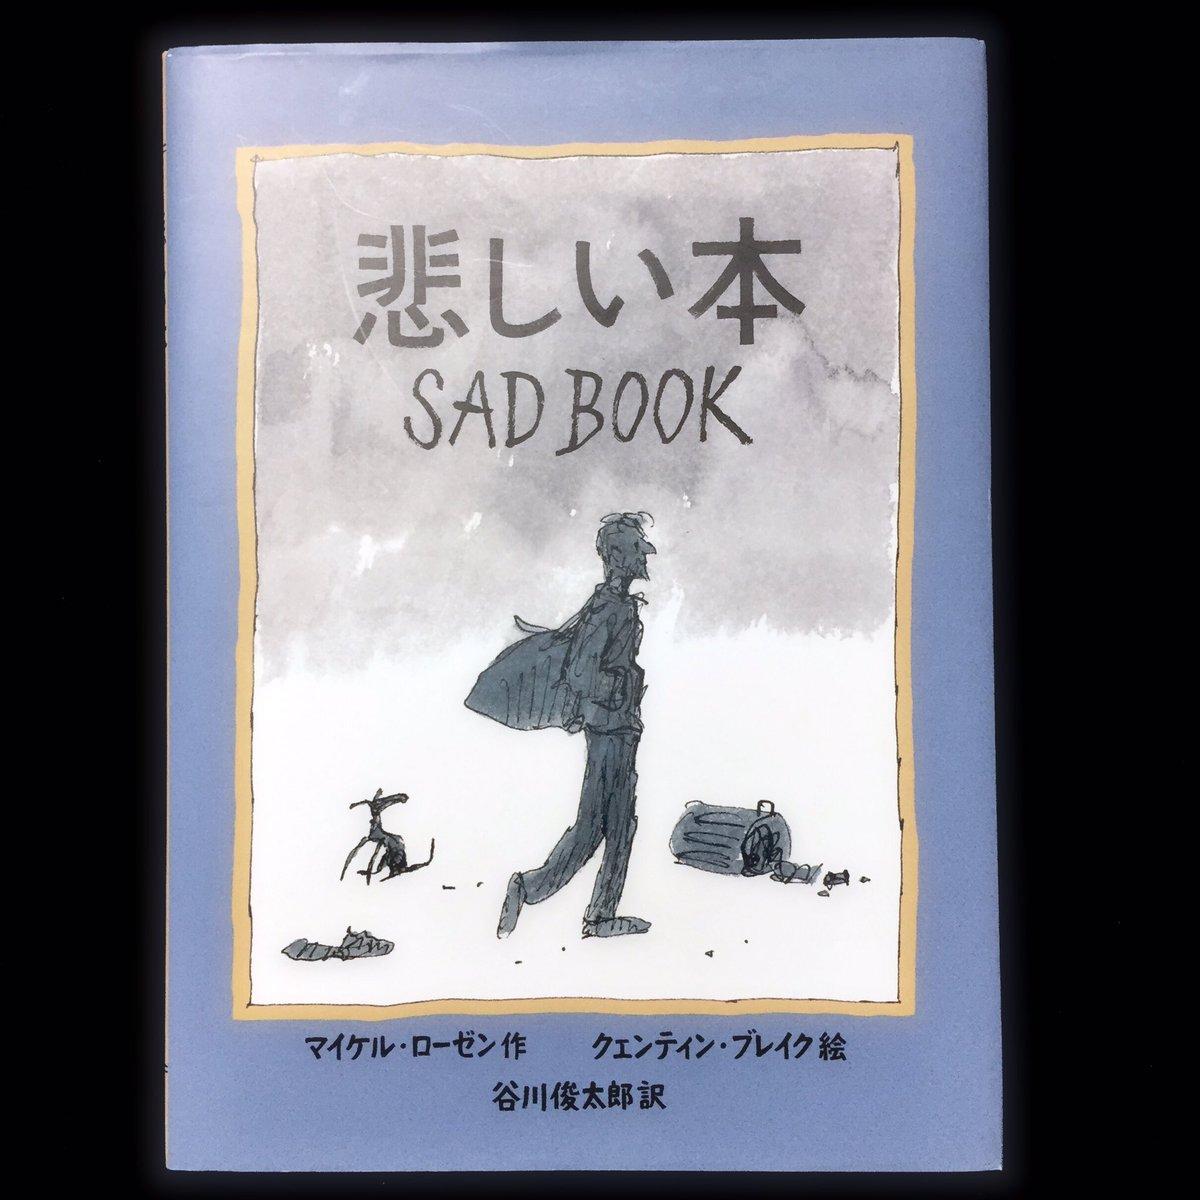 『悲しい本  SAD BOOK』M・ローゼンイギリスの詩人 マイケル・ローゼン作の絵本。悲しくもあたたかい言葉が心にじん